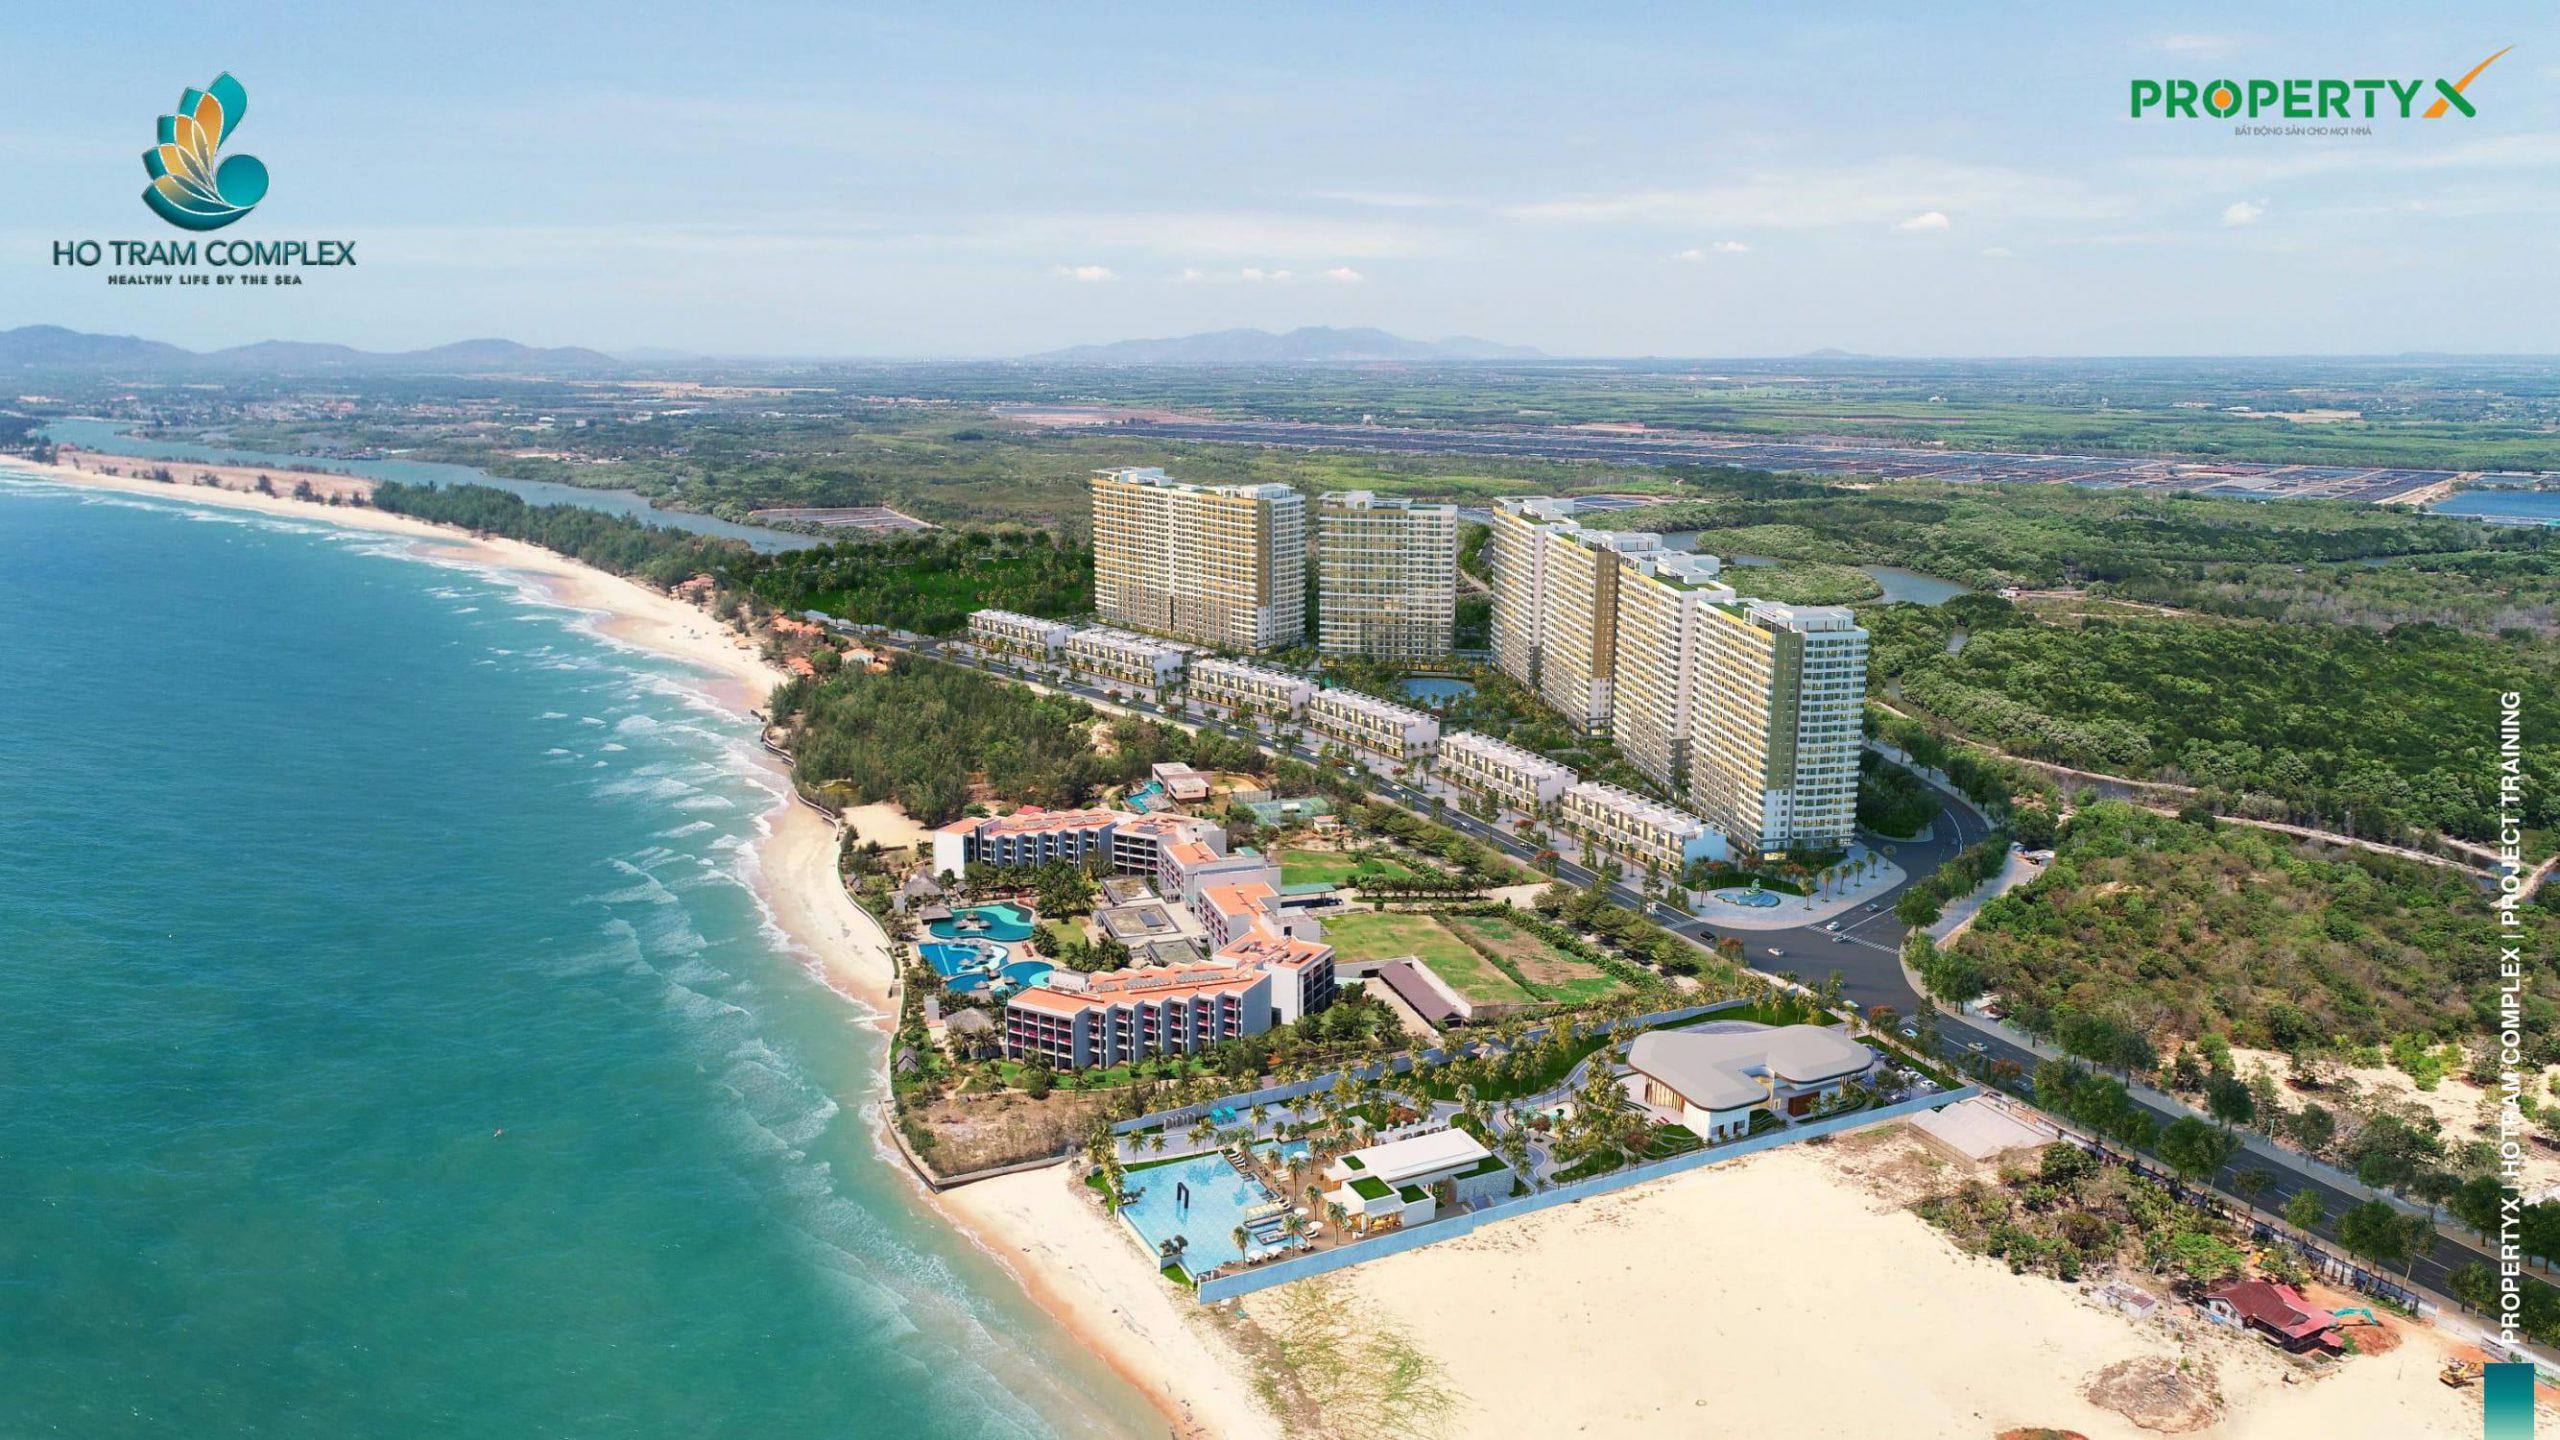 Phối cảnh tổng thể căn hộ Hồ Tràm Complex